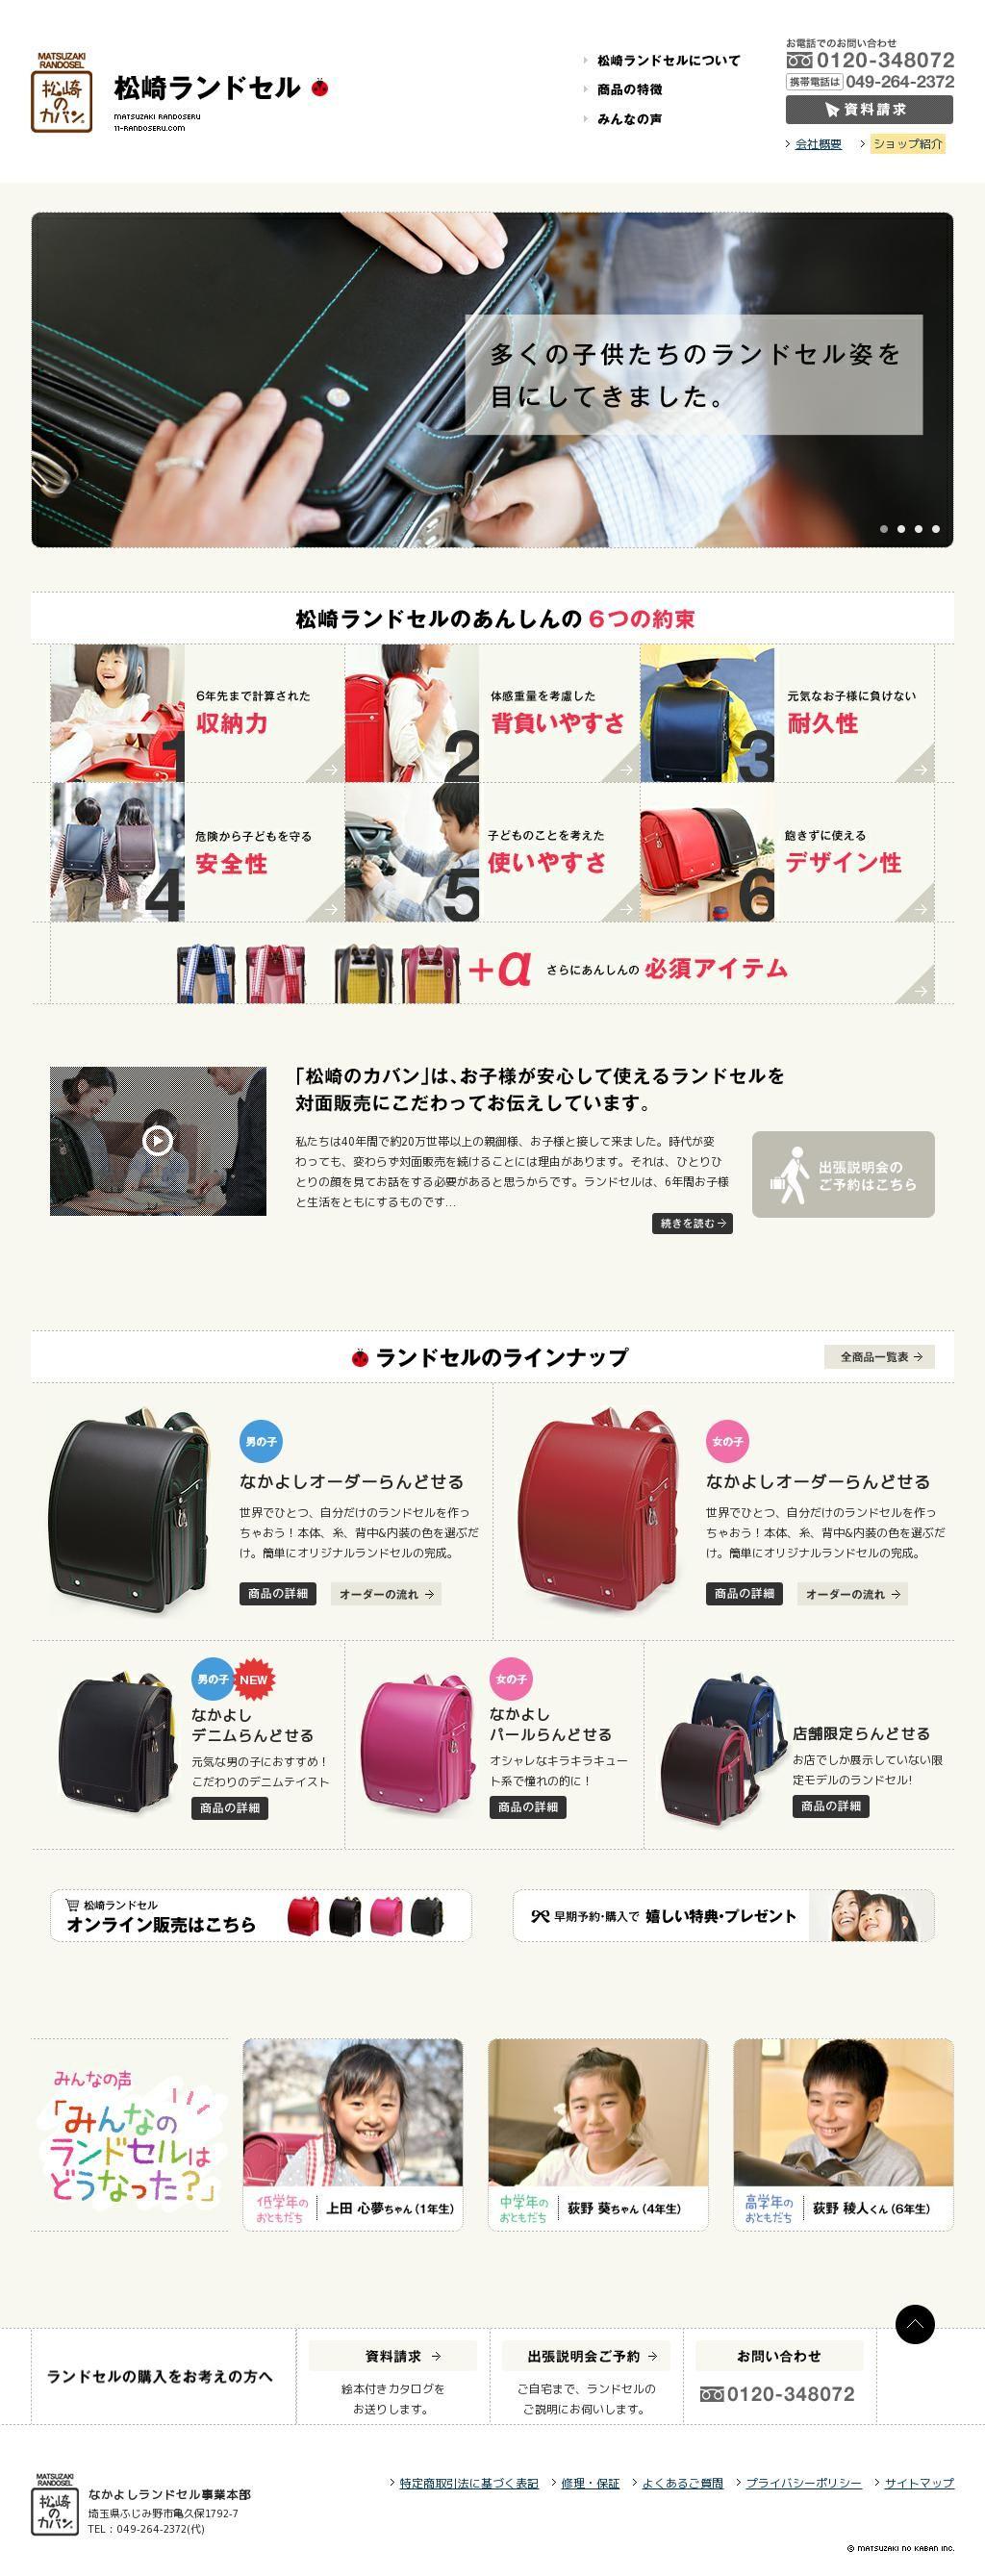 The website 'http://www.11-randoseru.com/' courtesy of @Pinstamatic (http://pinstamatic.com)